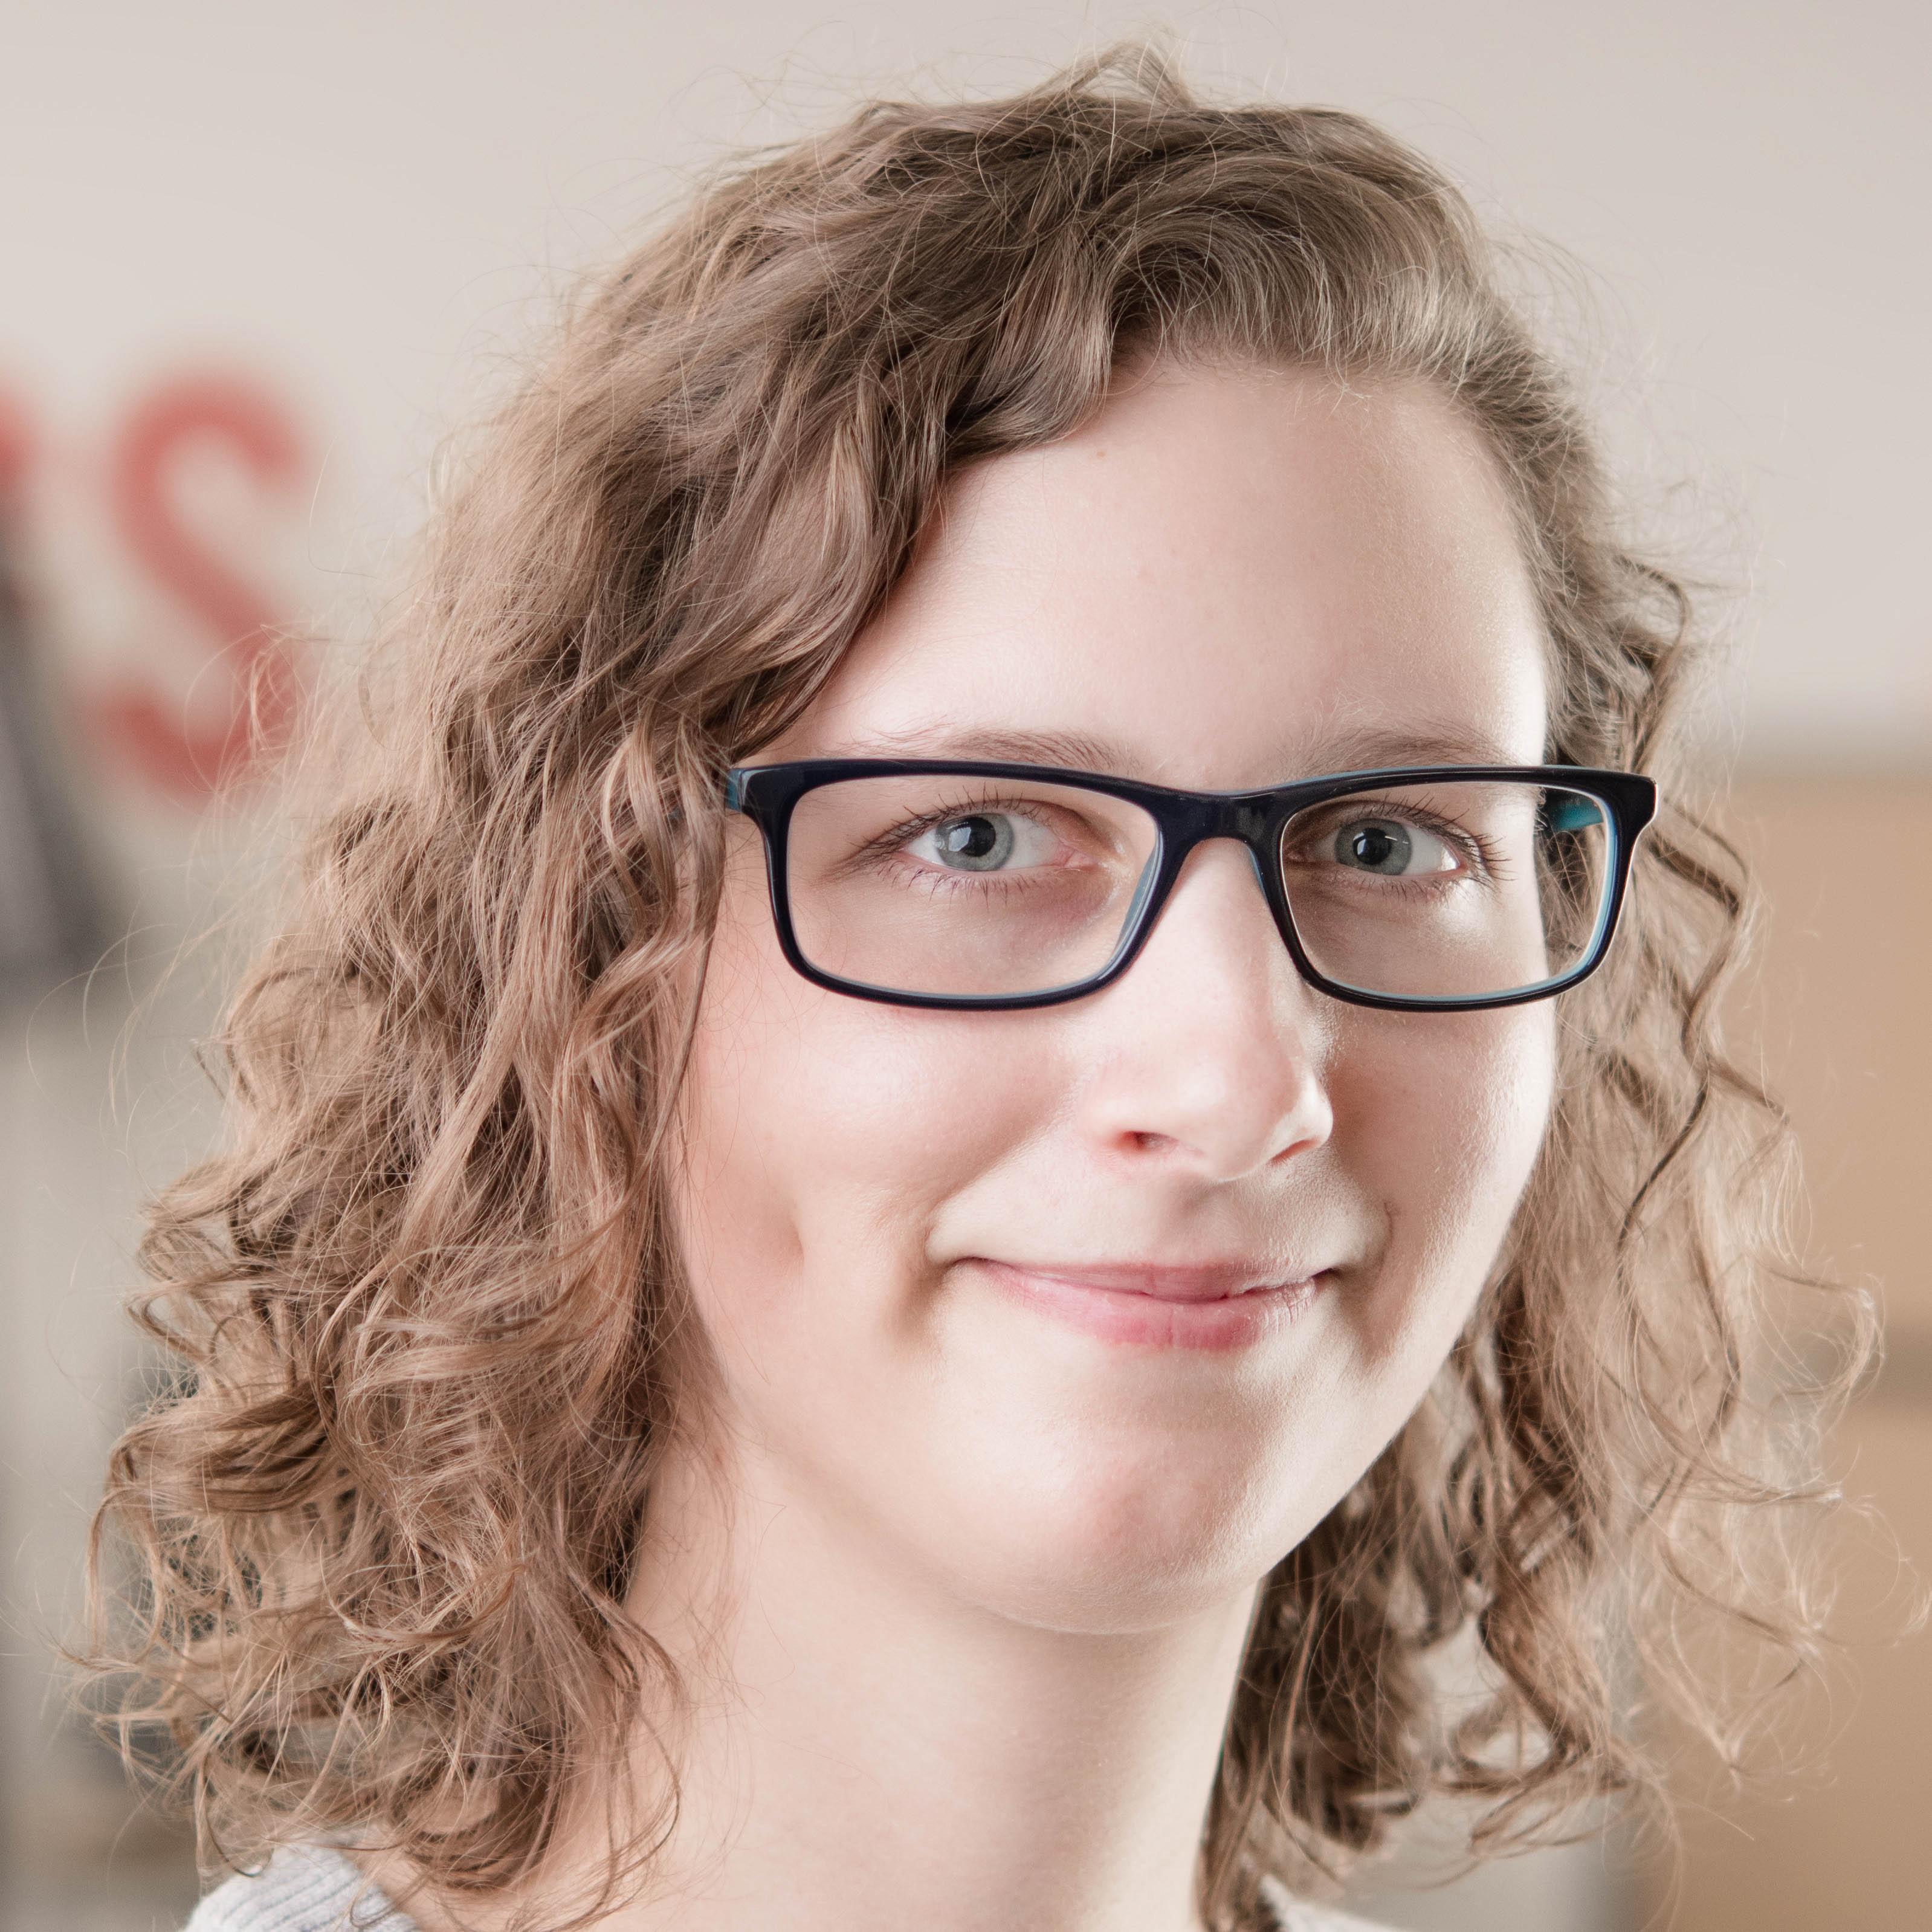 Photograph of Adriana Wiszniewska